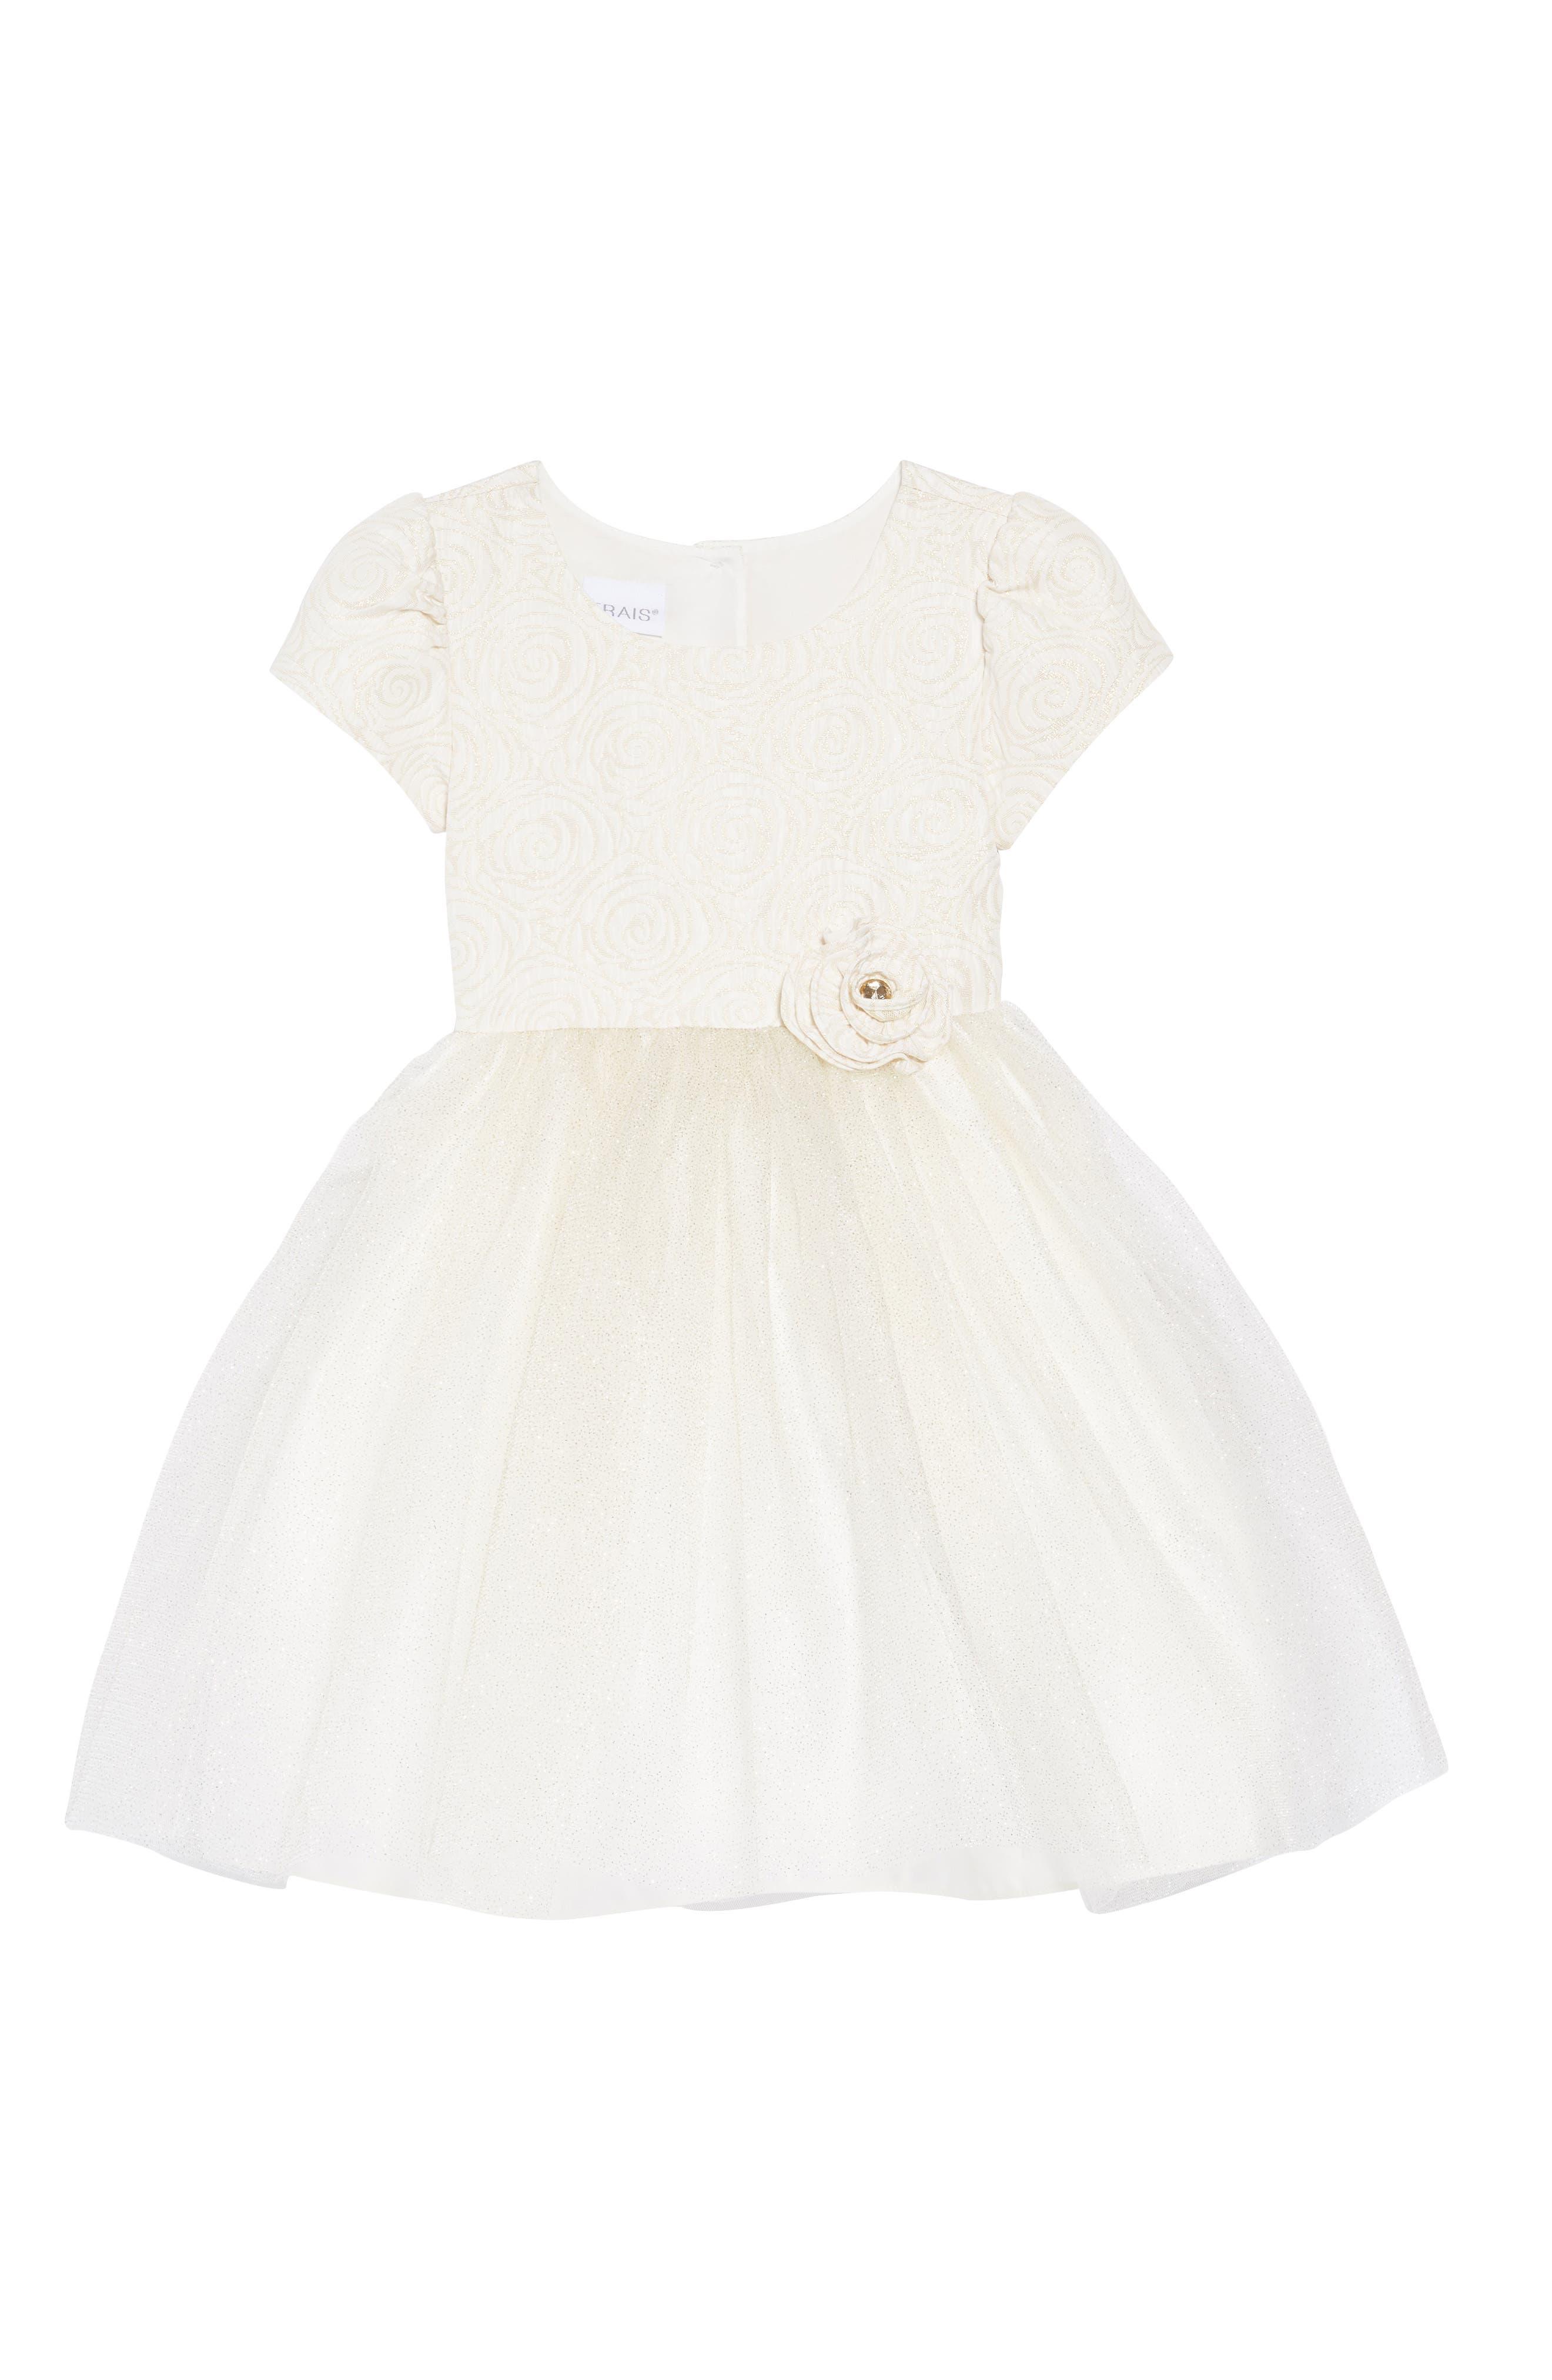 Girls Frais Cap Sleeve Dress